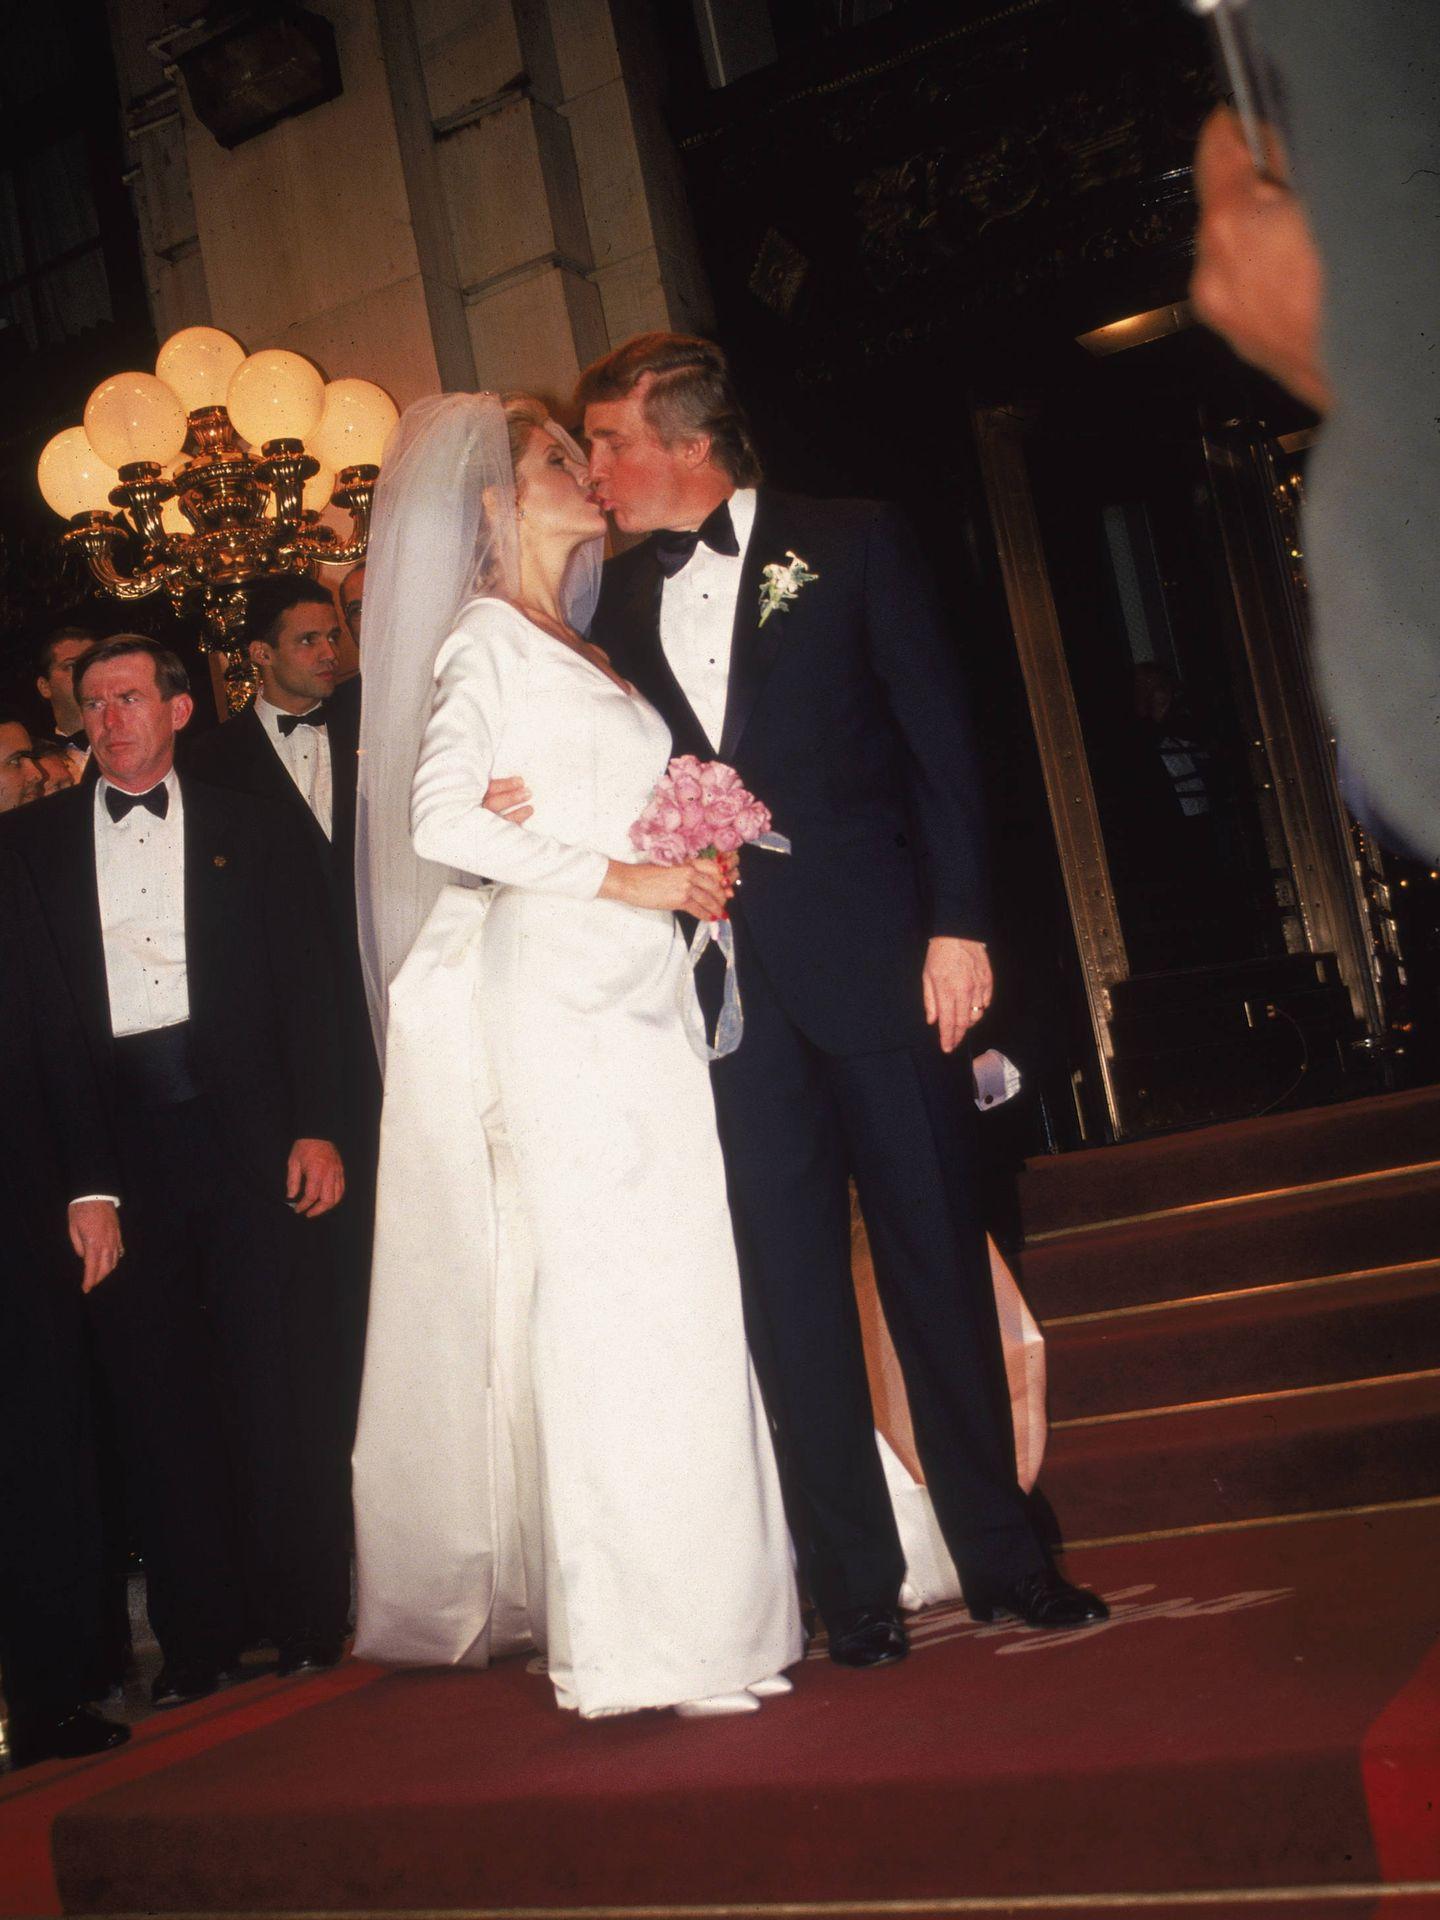 La boda de Trump y Marla Maples en 1993. (Getty)